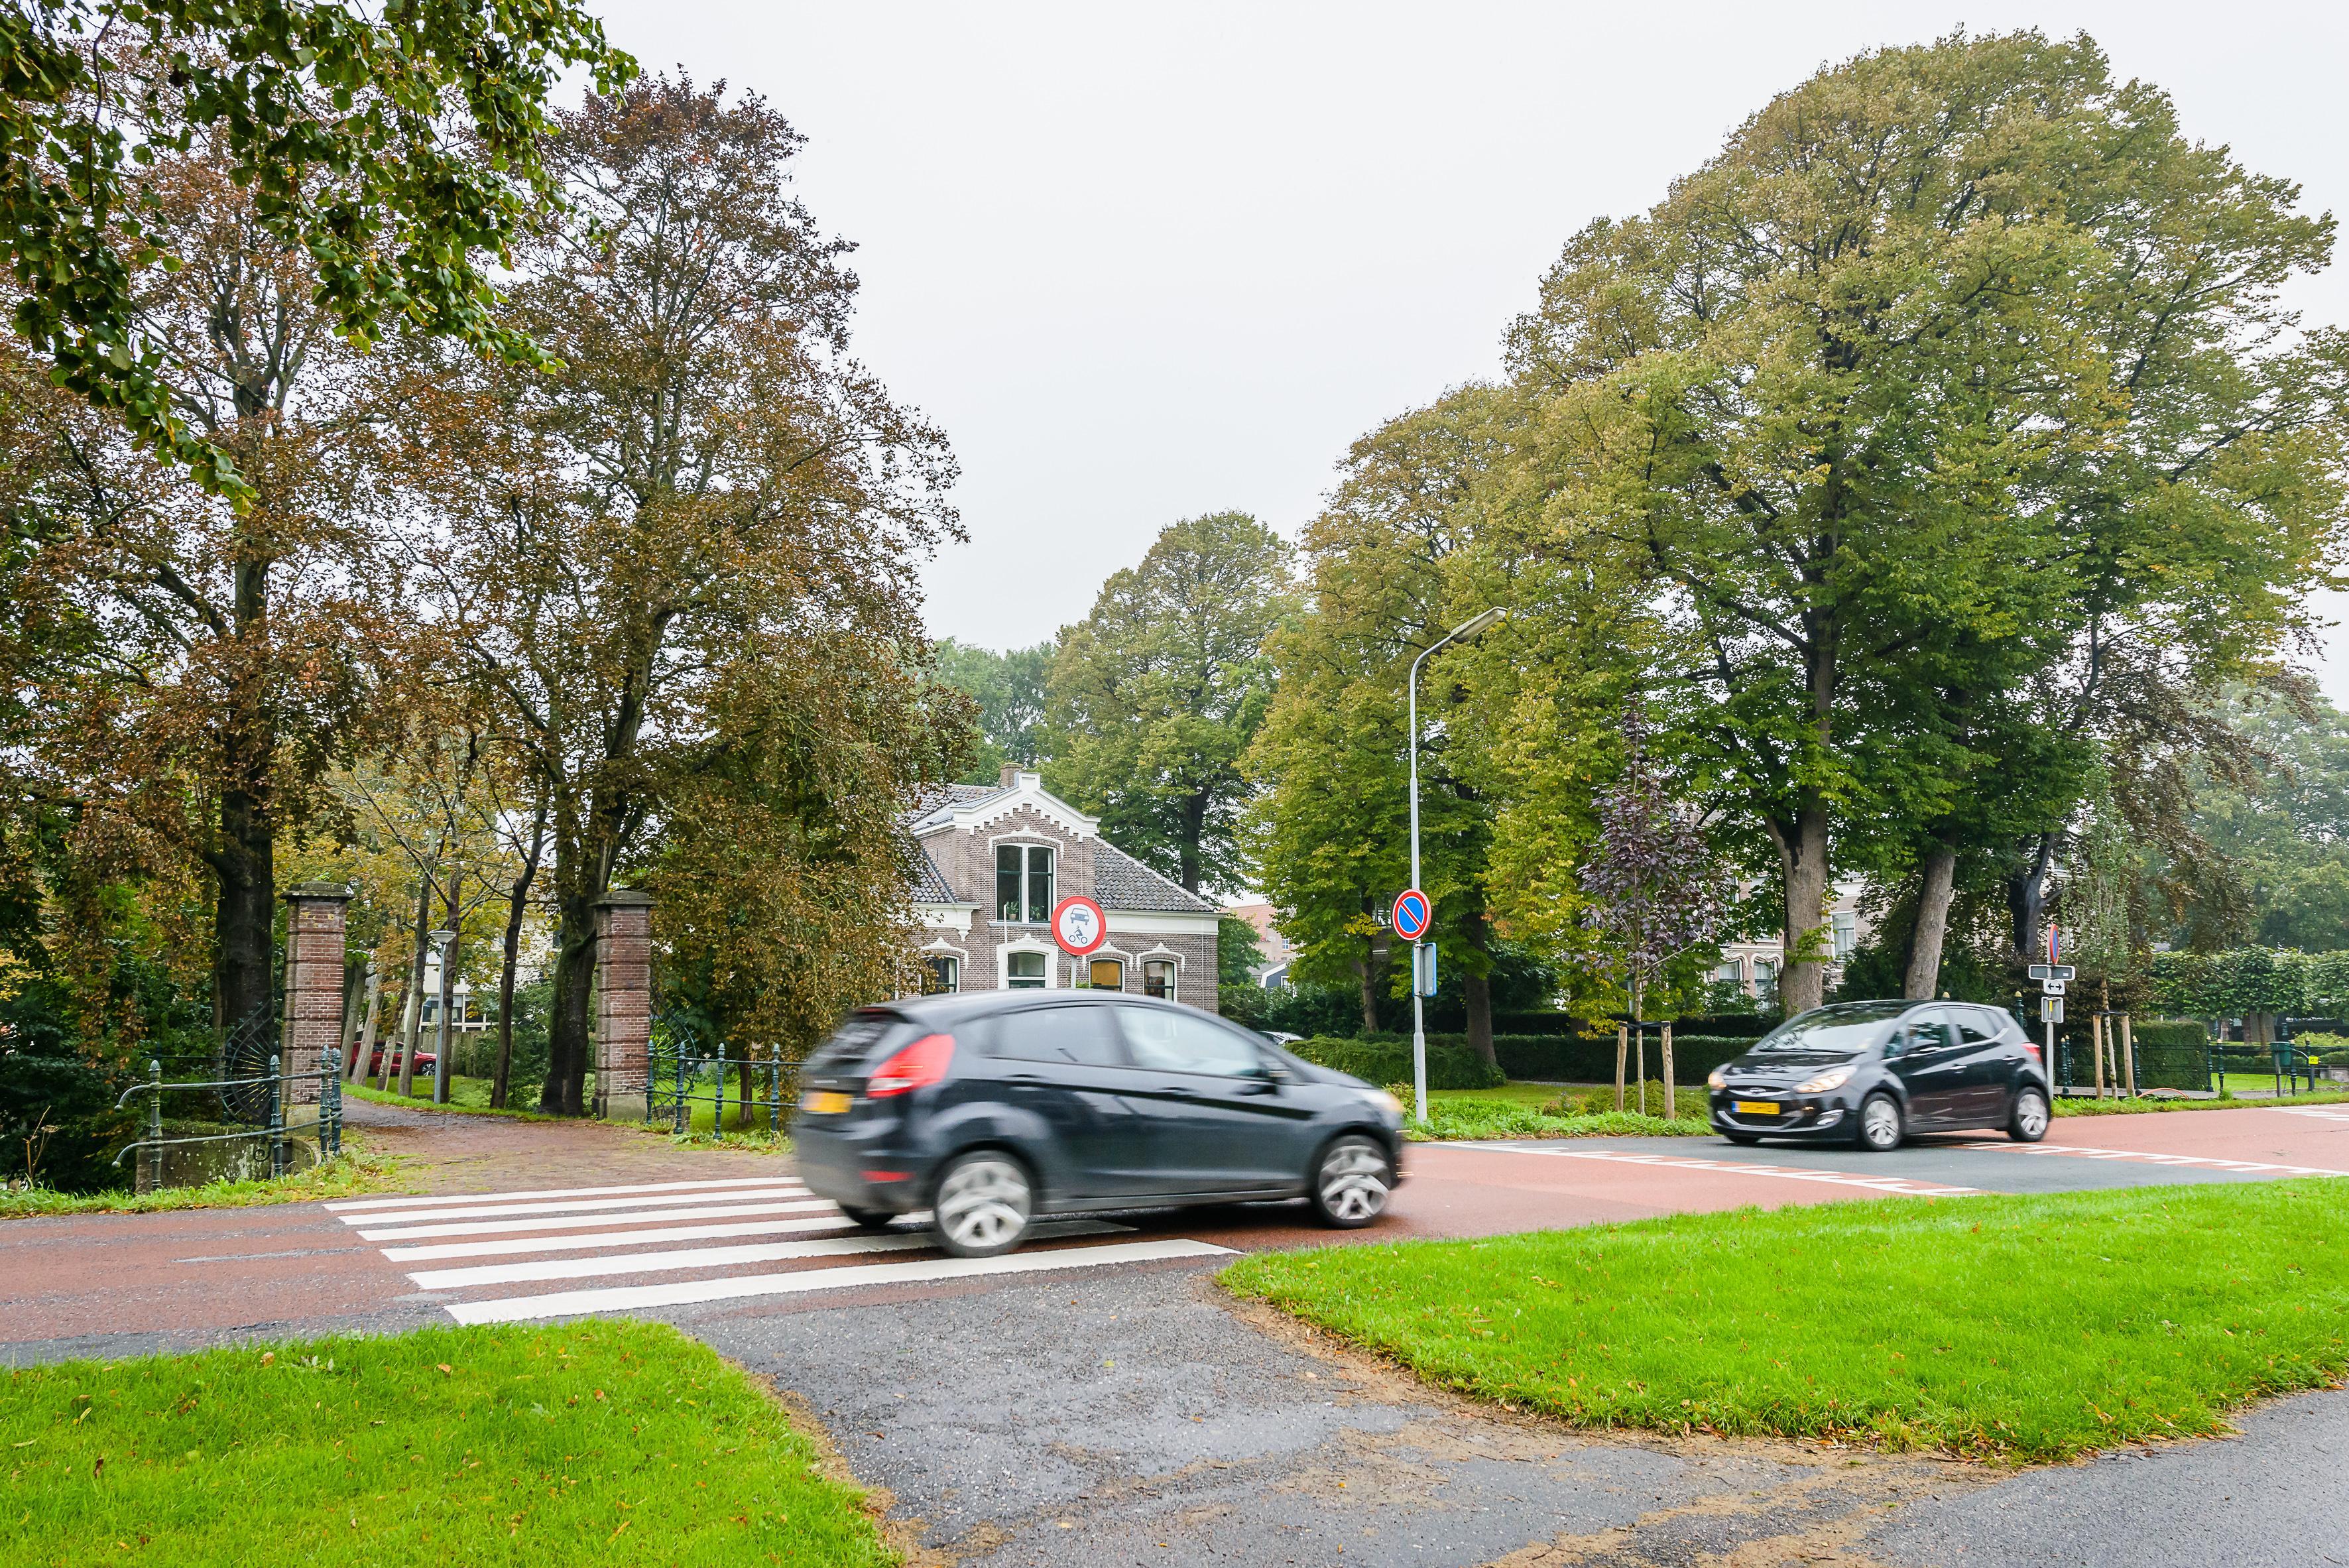 Ouders vrezen voor ongelukken door gevaarlijk zebrapad Middenweg in Middenbeemster: 'Vanmiddag werd hier een moeder bijna van haar sokken gereden'